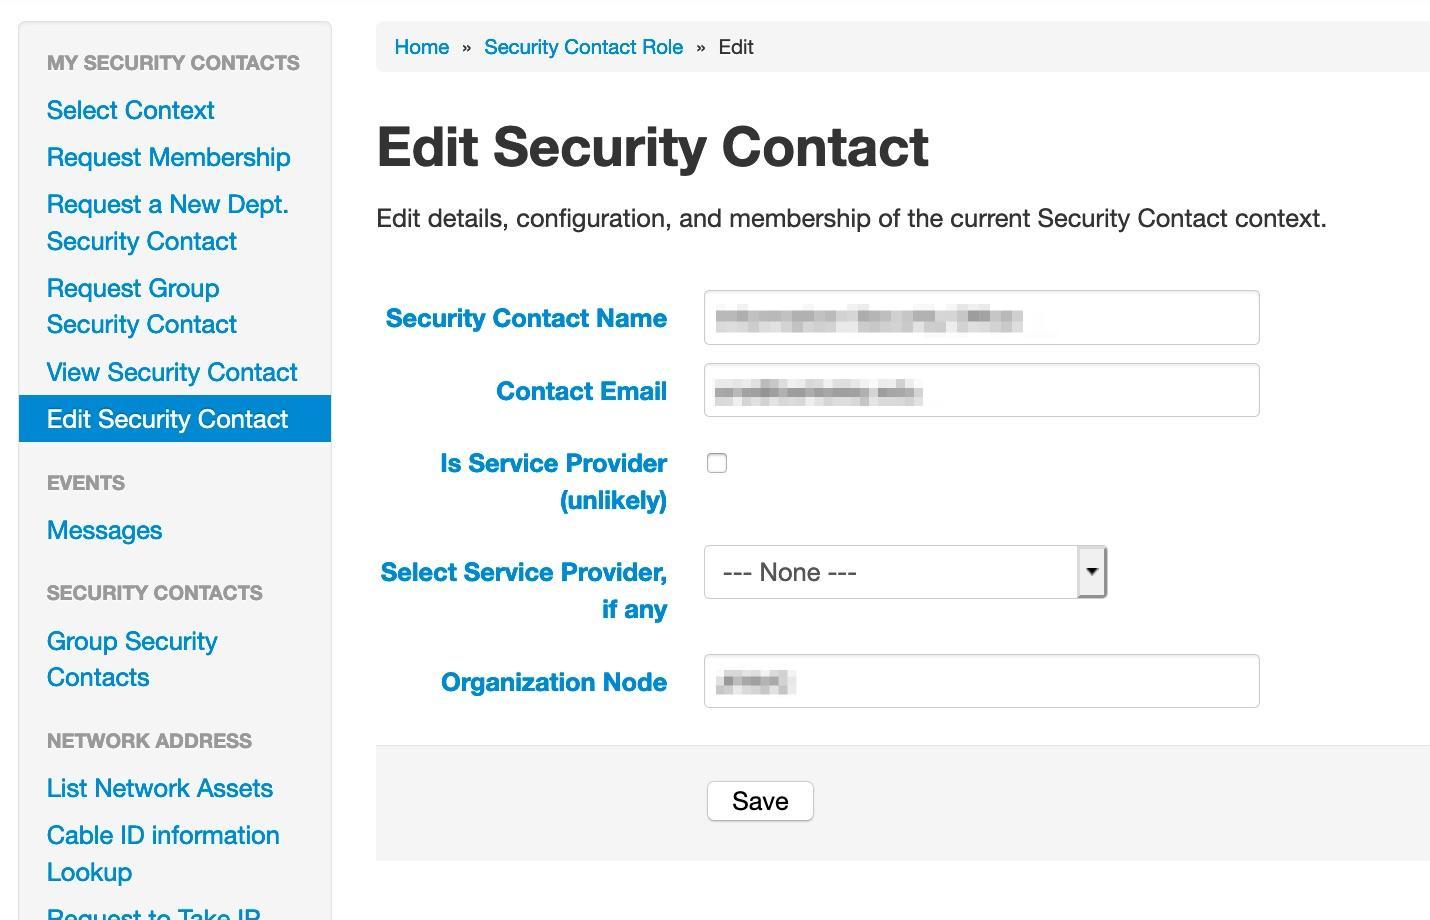 Edit Security Contact